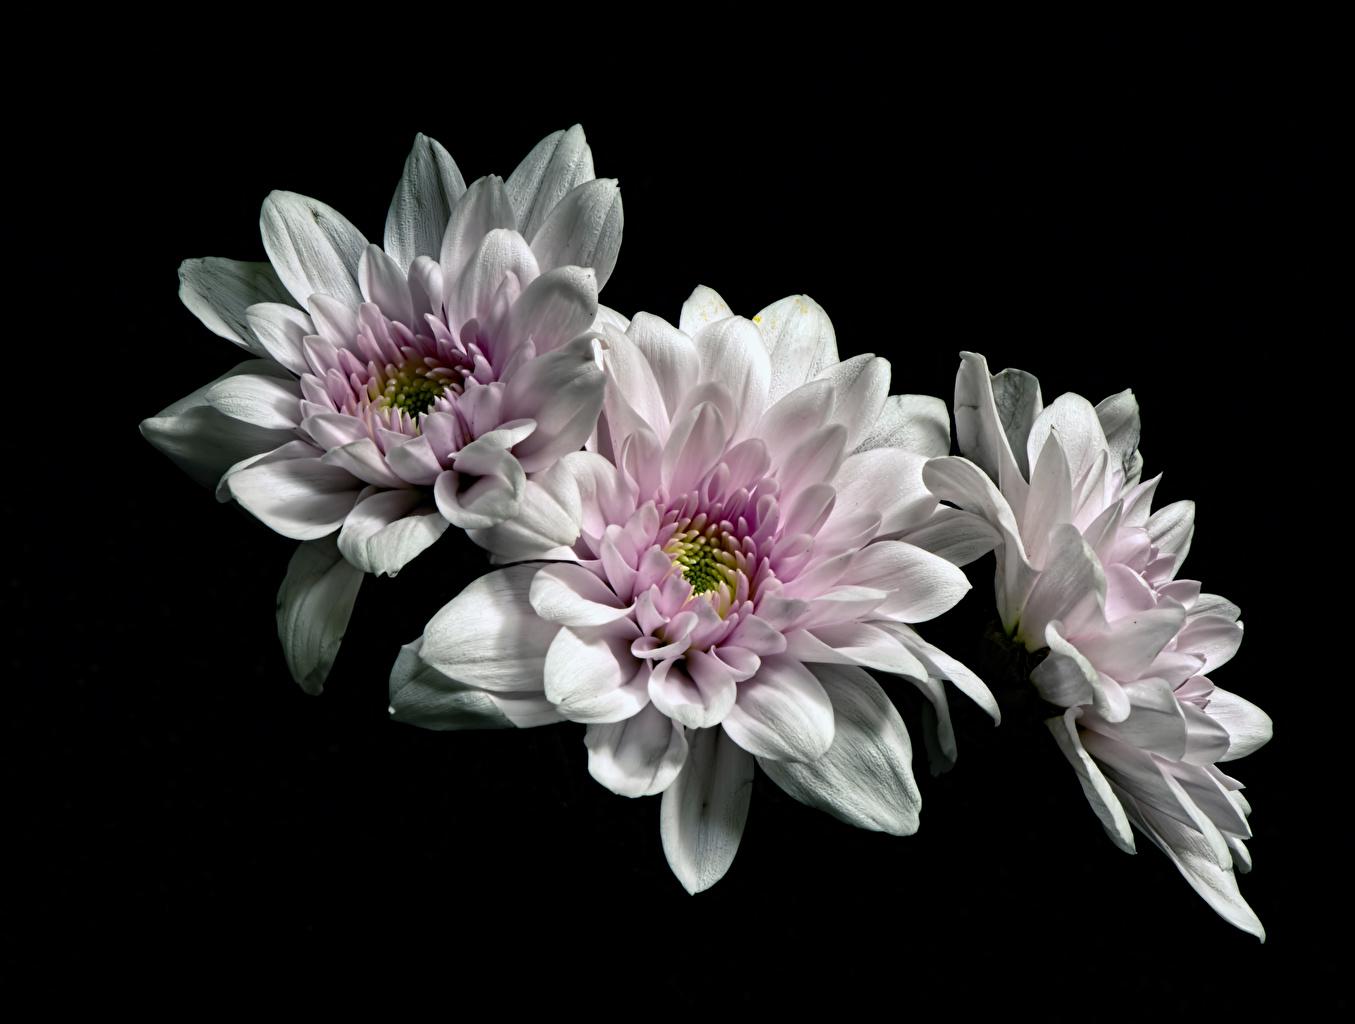 Картинка Белый цветок Хризантемы втроем на черном фоне белых белые белая Цветы три Трое 3 Черный фон